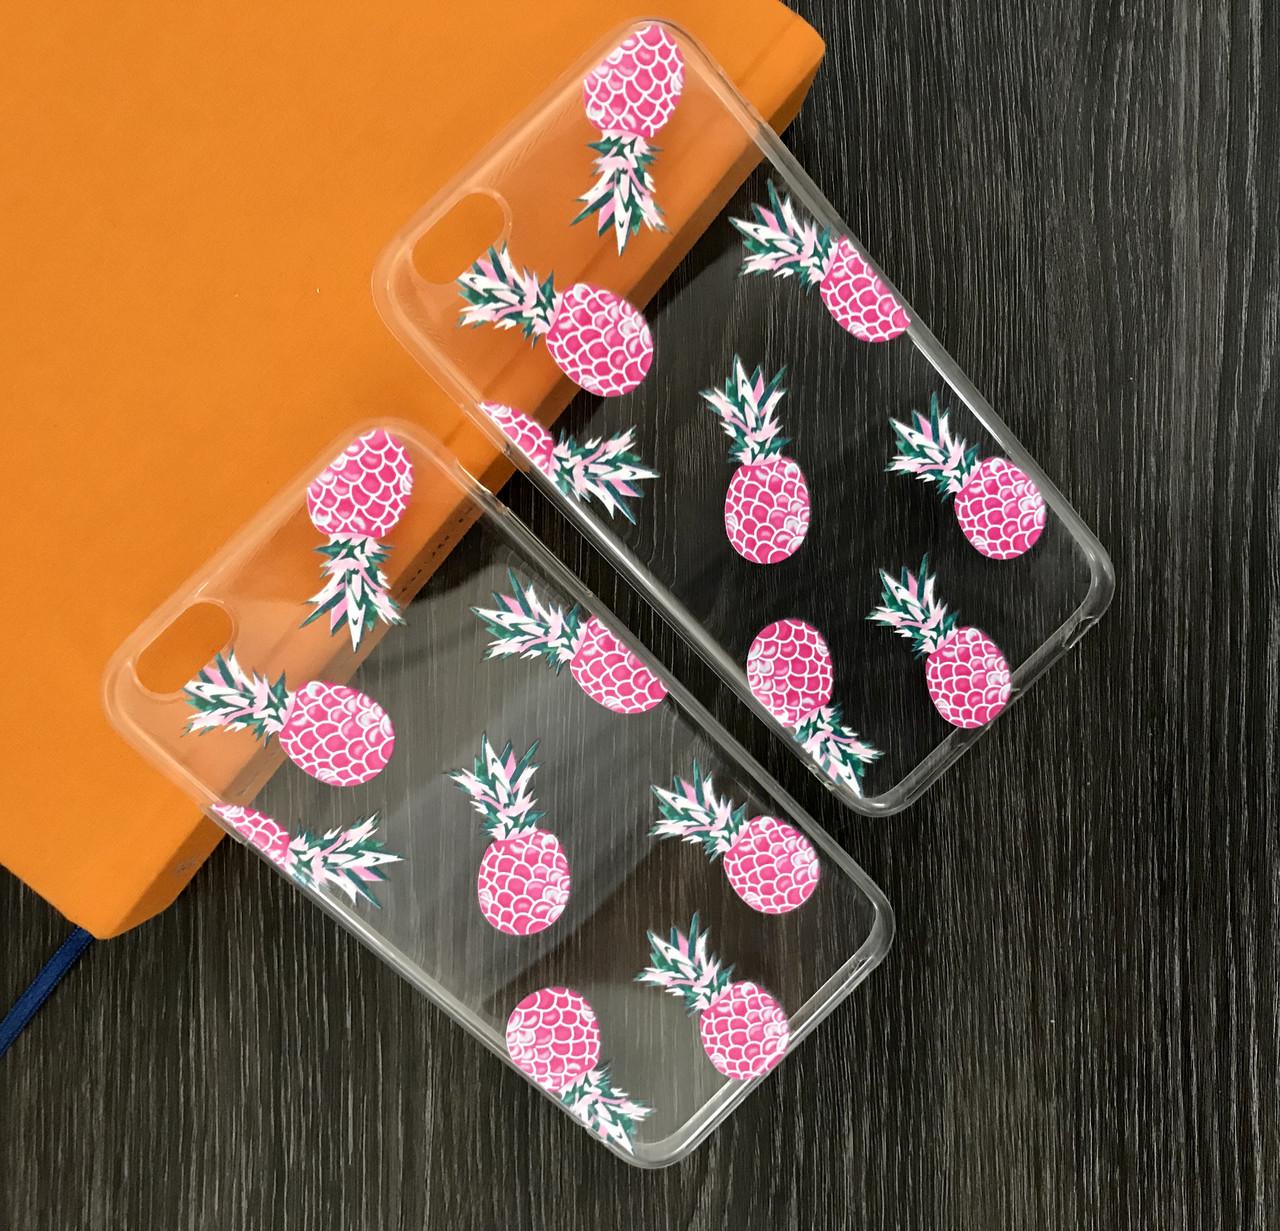 Силиконовый чехол iPhone 6 ананасы розовые 8 шт